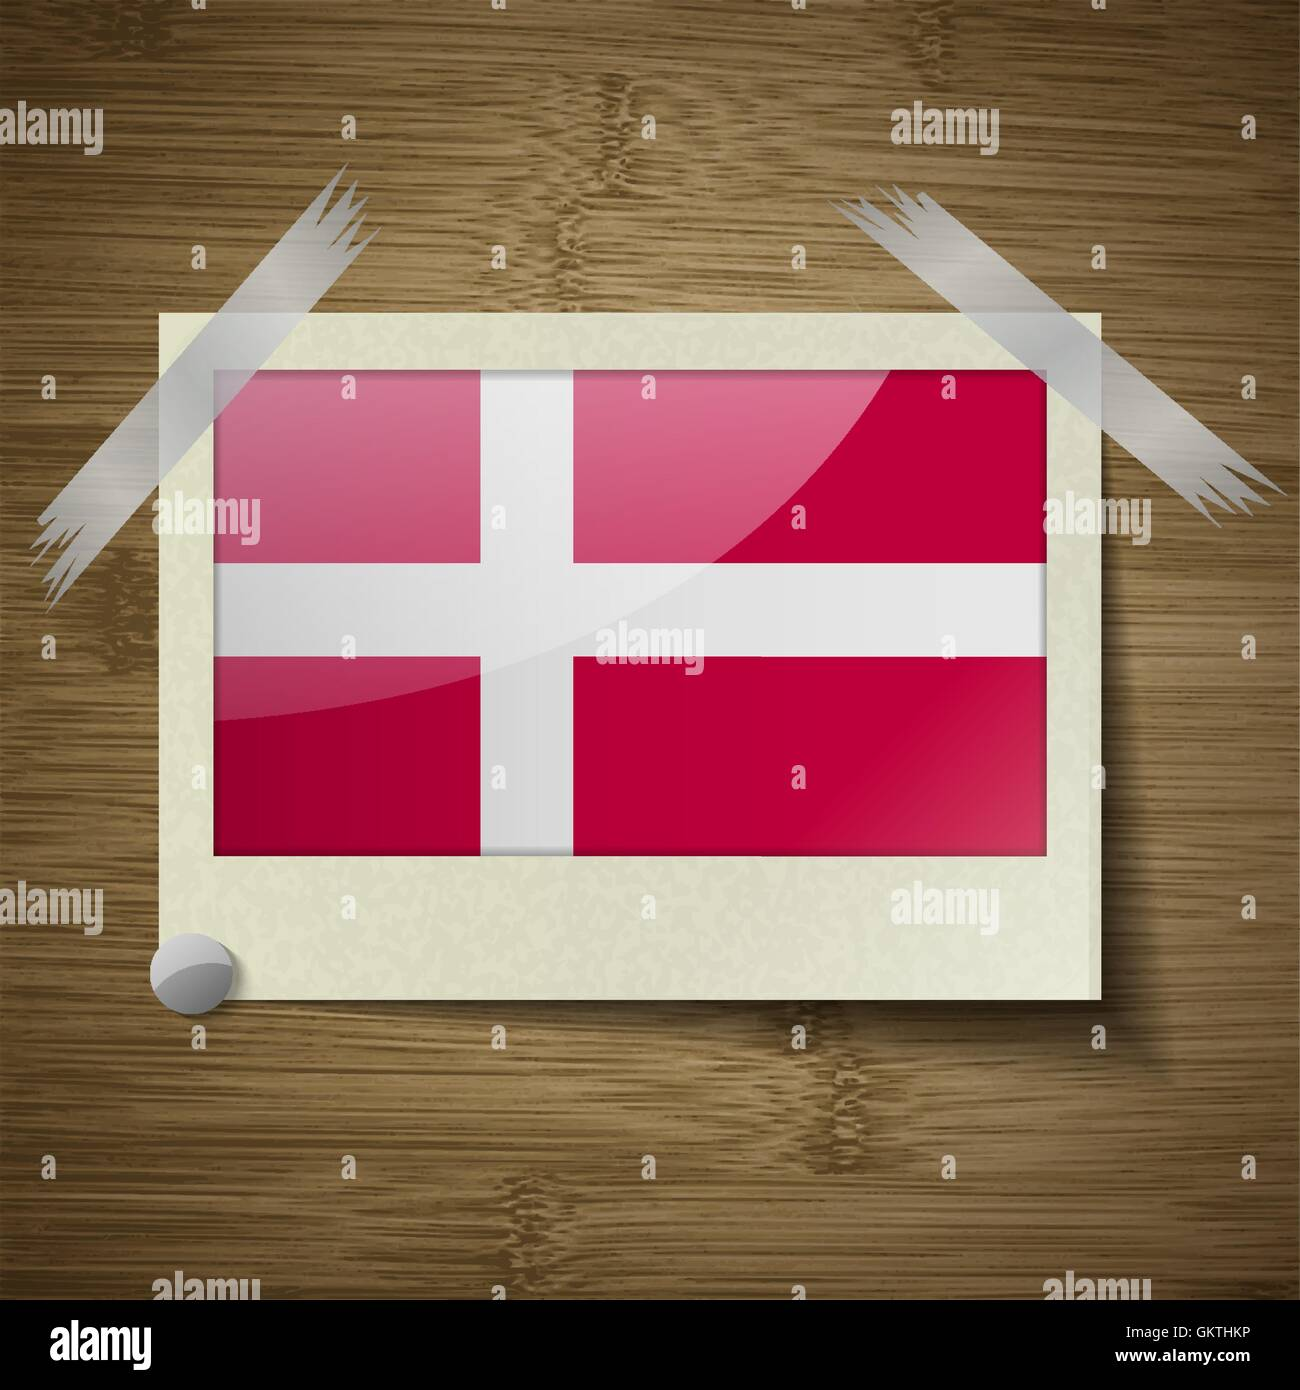 Bandiera della Danimarca al telaio su texture di legno. Vettore Illustrazione Vettoriale